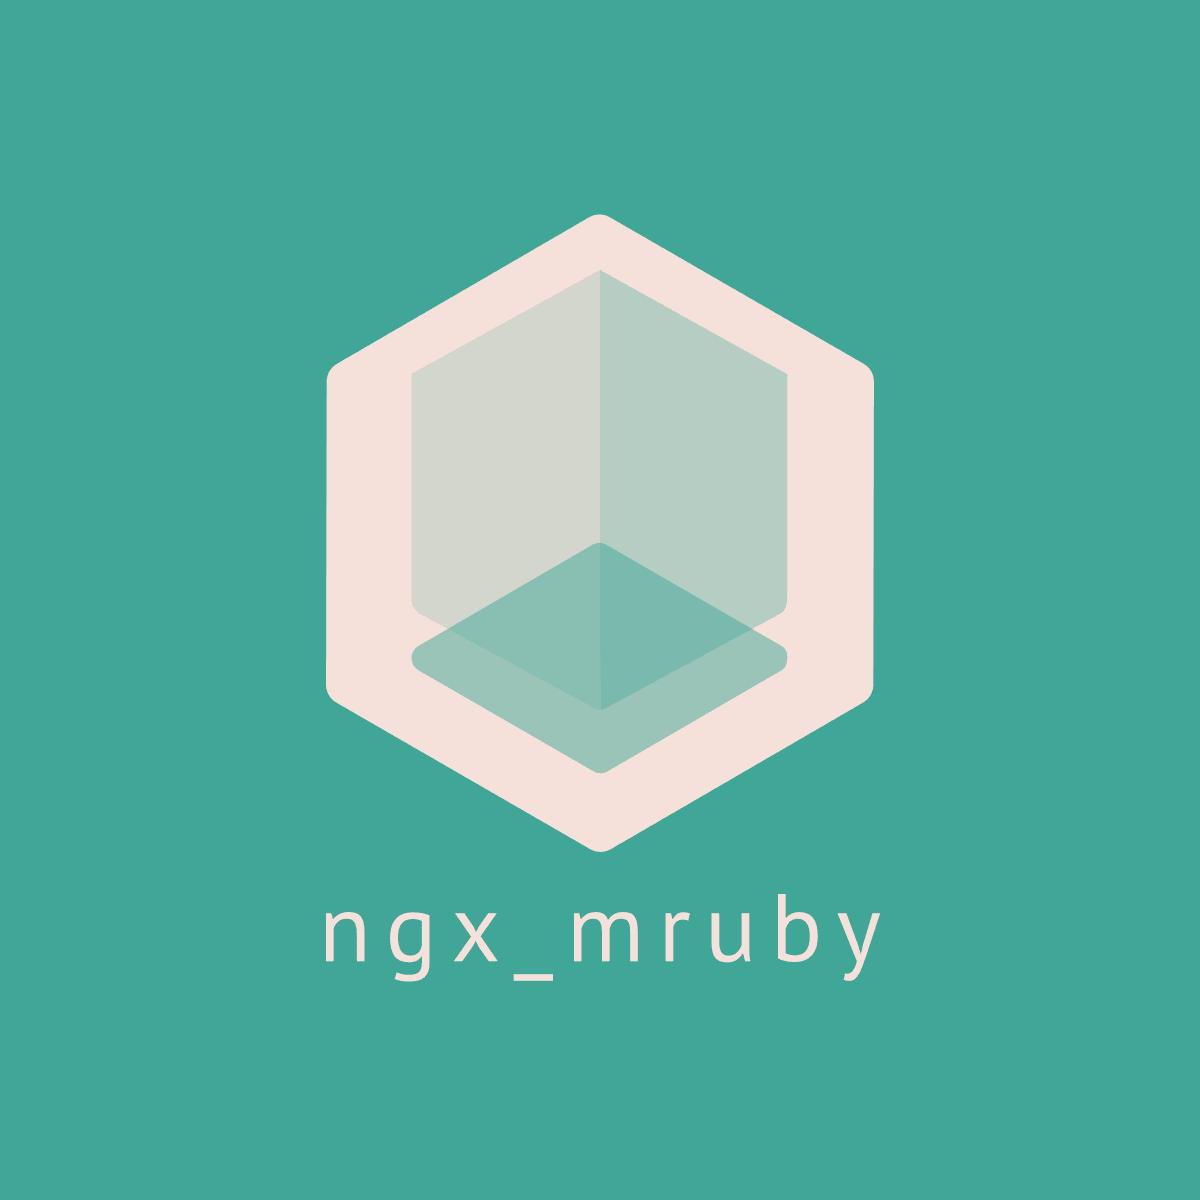 ngx_mruby